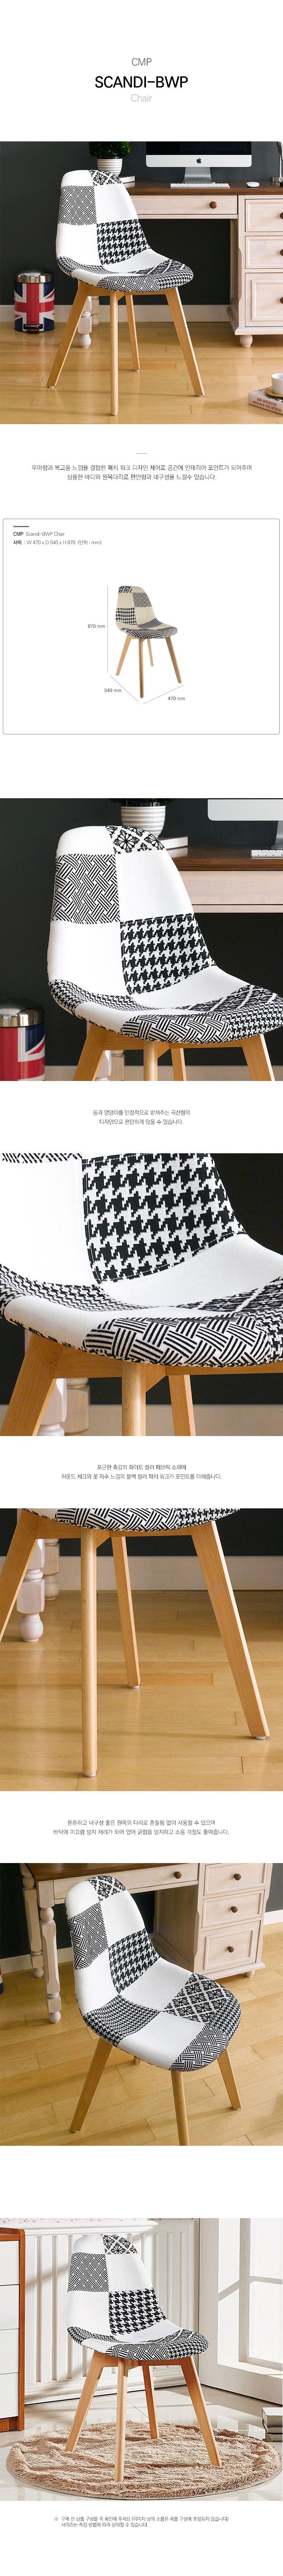 Scandi-BWP-Chair_180330.jpg